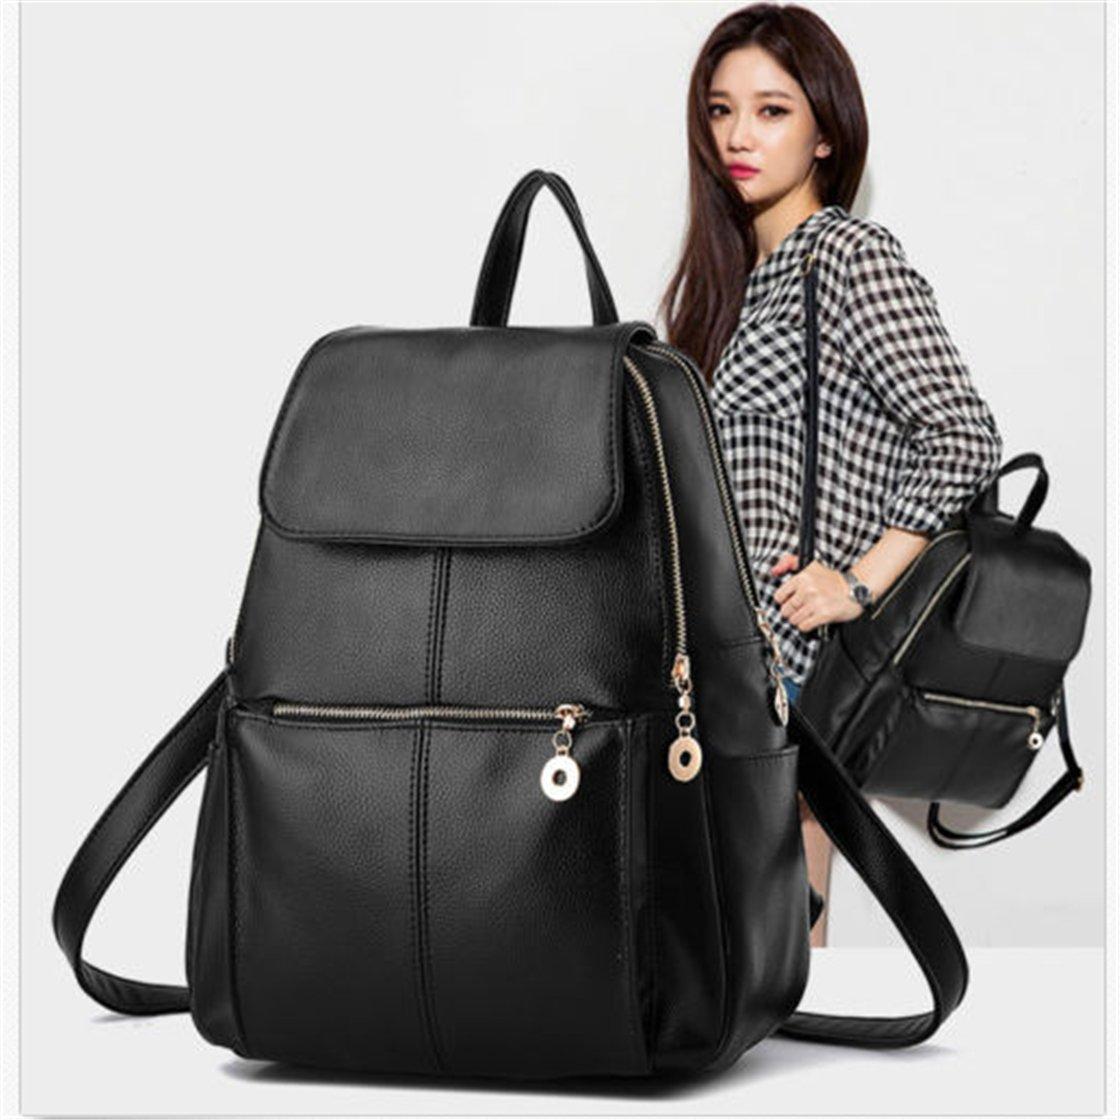 TraveT PU Leather Satchel Backpack School Bag Travel Shoulder Handbag